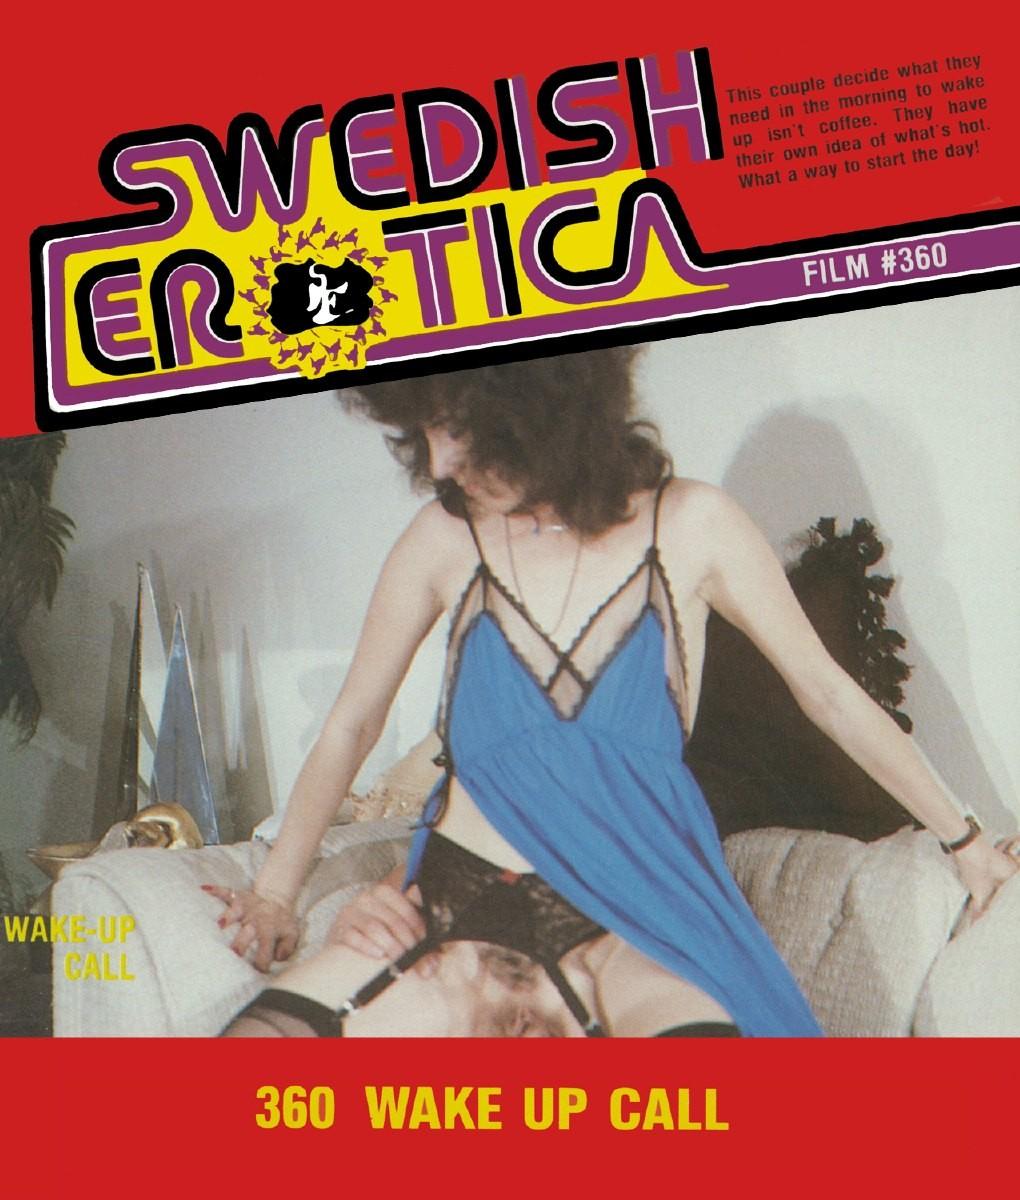 Swedish Erotica 360 - Wake Up Call